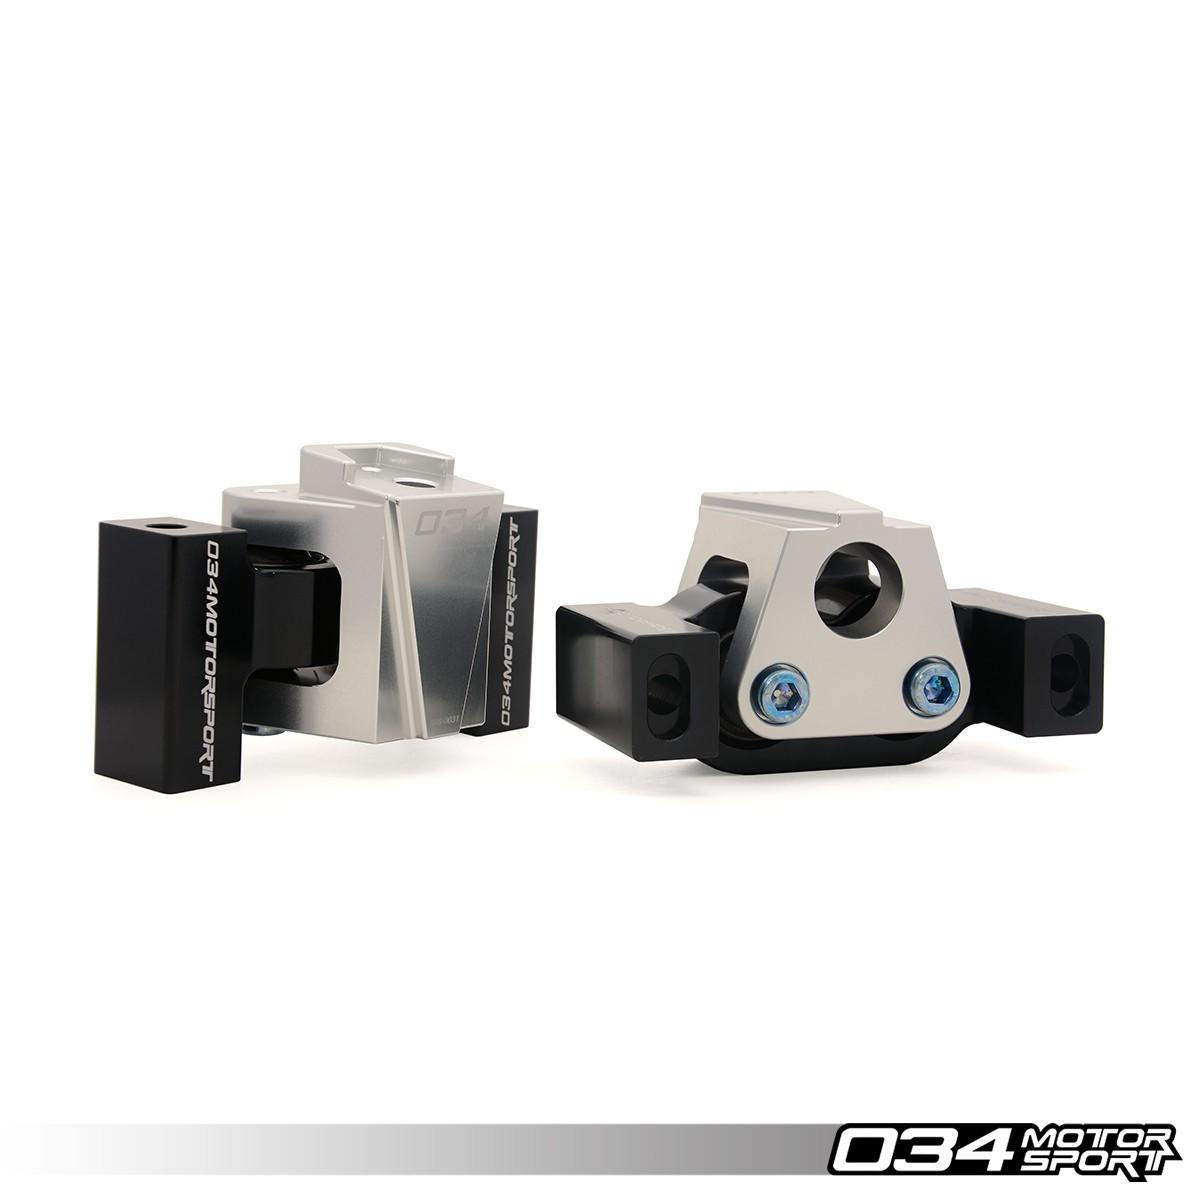 billet motorsport engine mount pair b8 b8 5 audi a4 s4. Black Bedroom Furniture Sets. Home Design Ideas